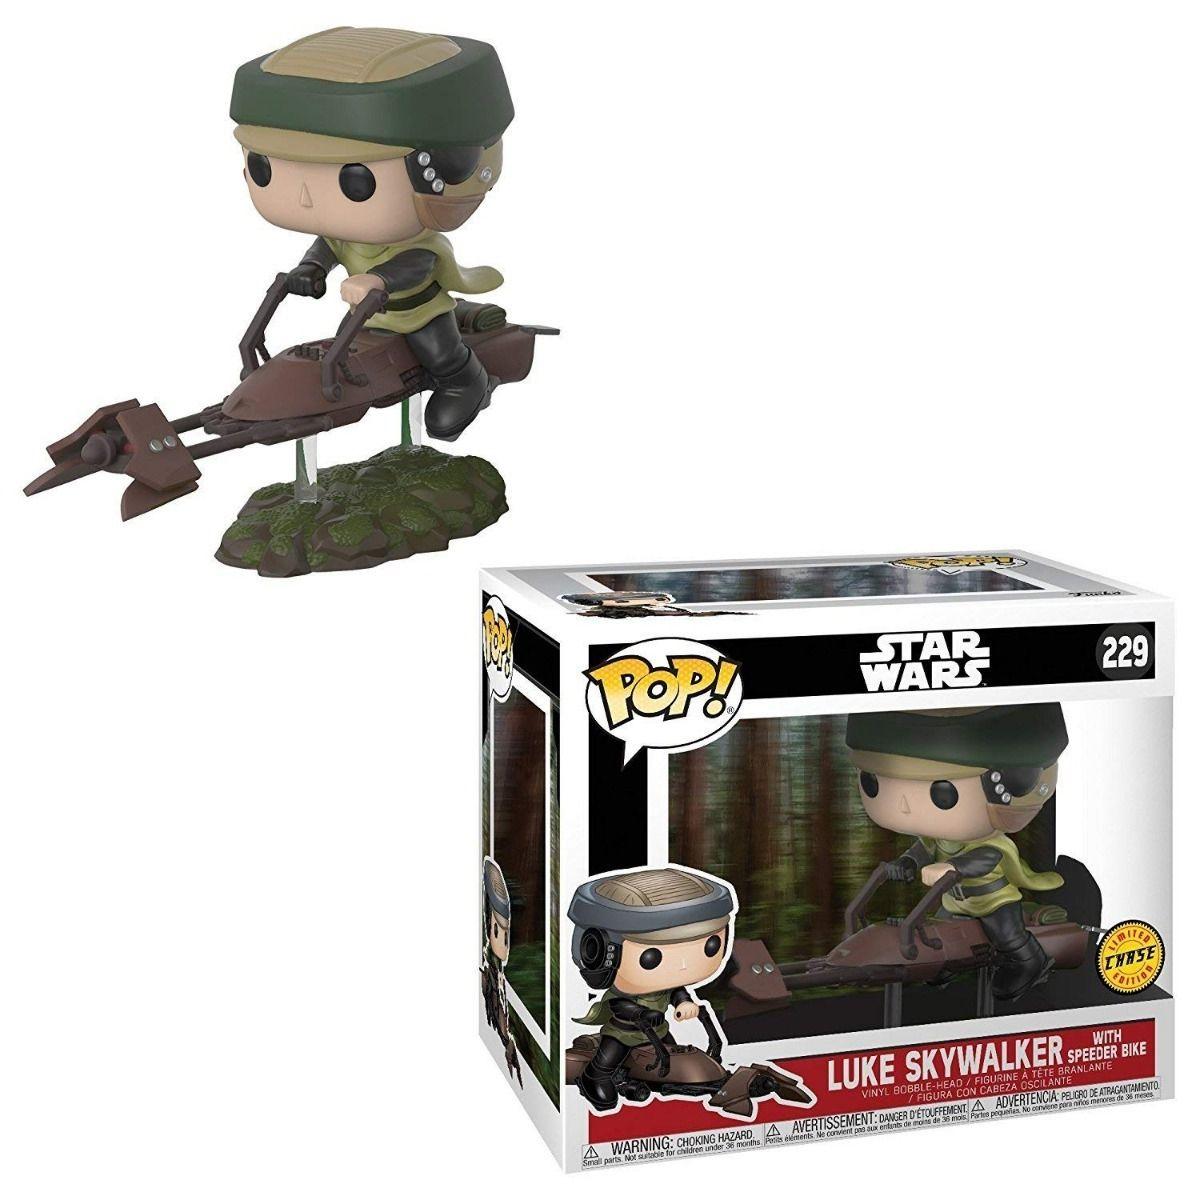 Luke Skywalker with Speeder Bike #229 - Star Wars - Funko Pop! Chase Limited Edition